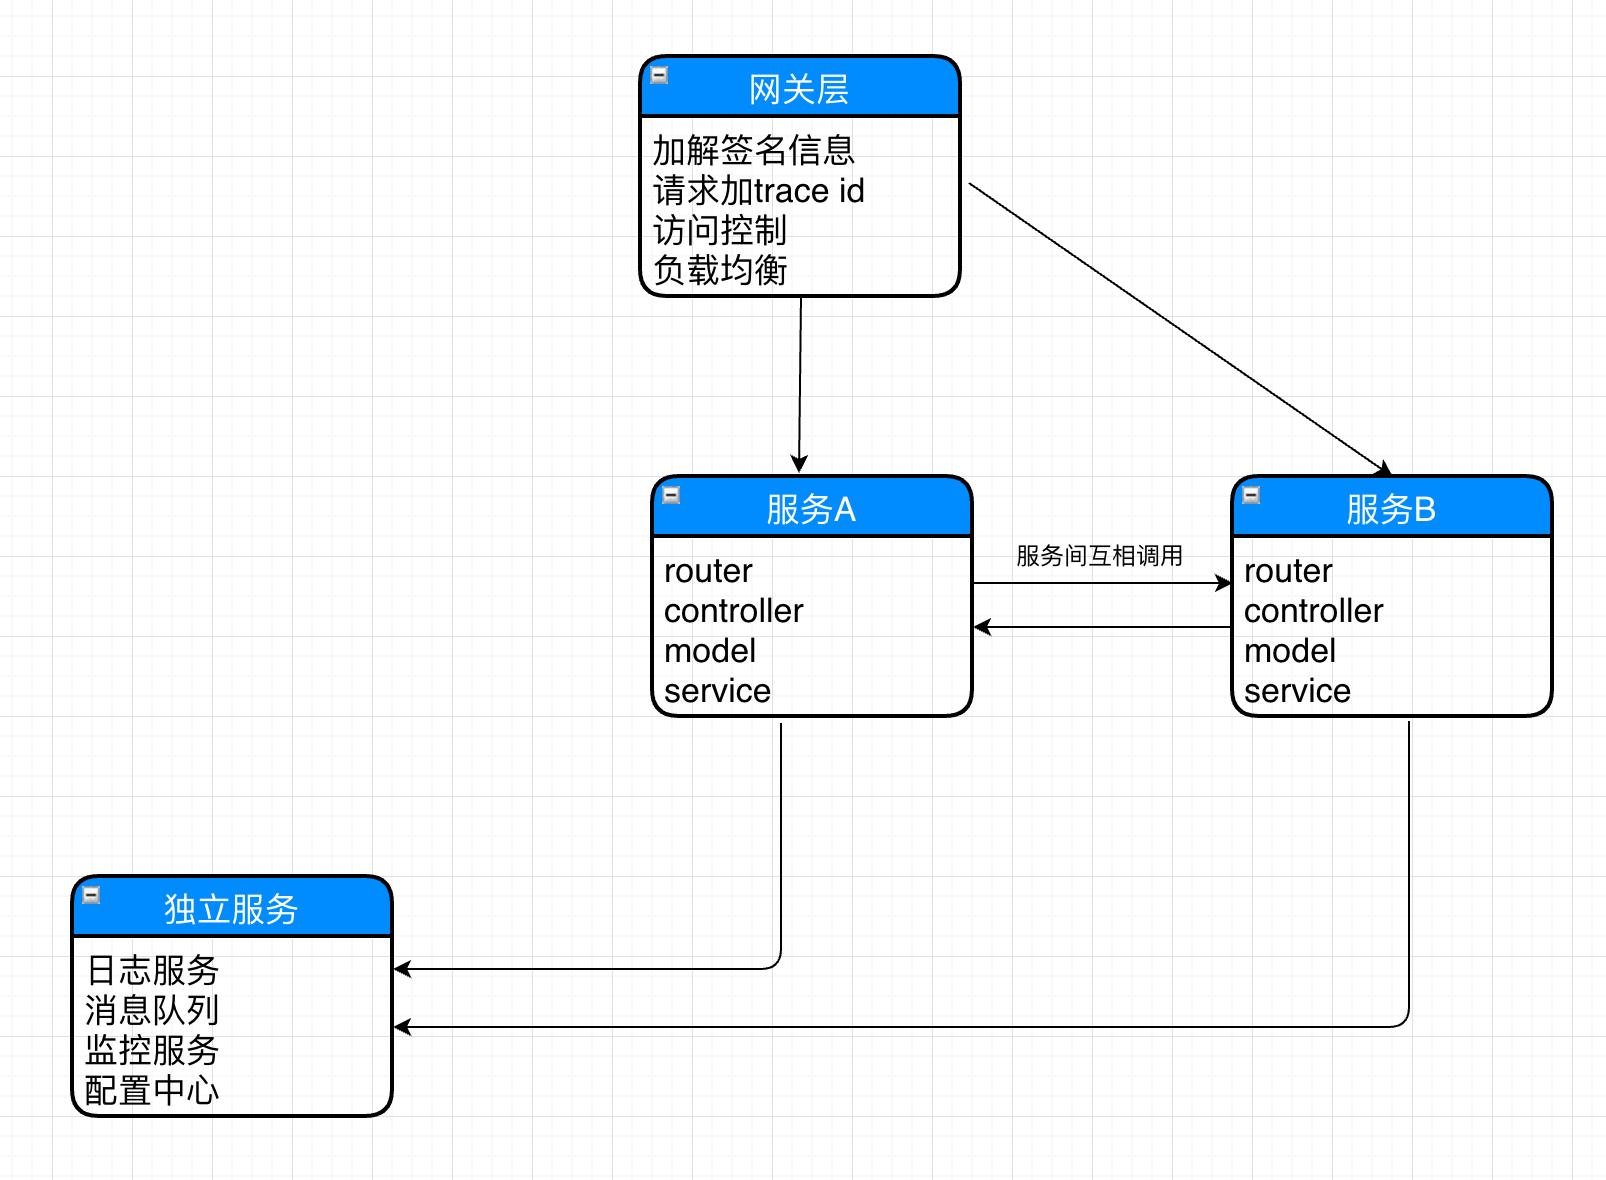 入门级微服务架构图